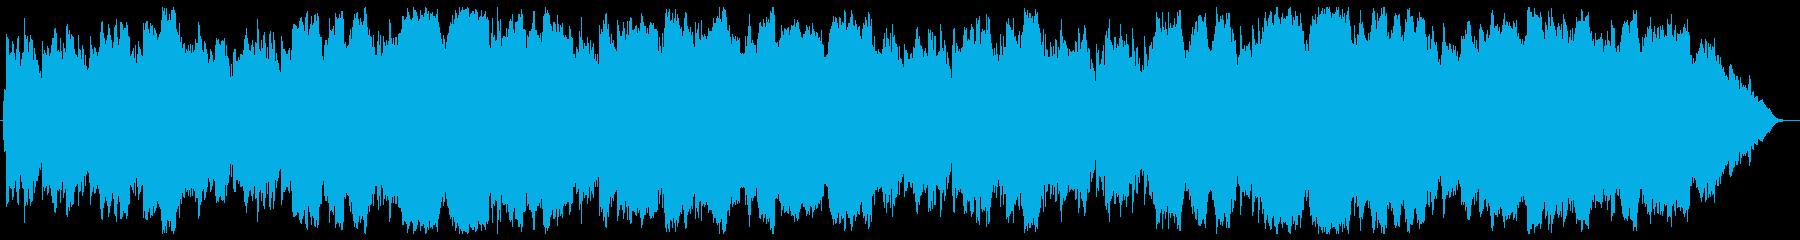 ひいらぎ飾ろう オルゴール&Str.の再生済みの波形